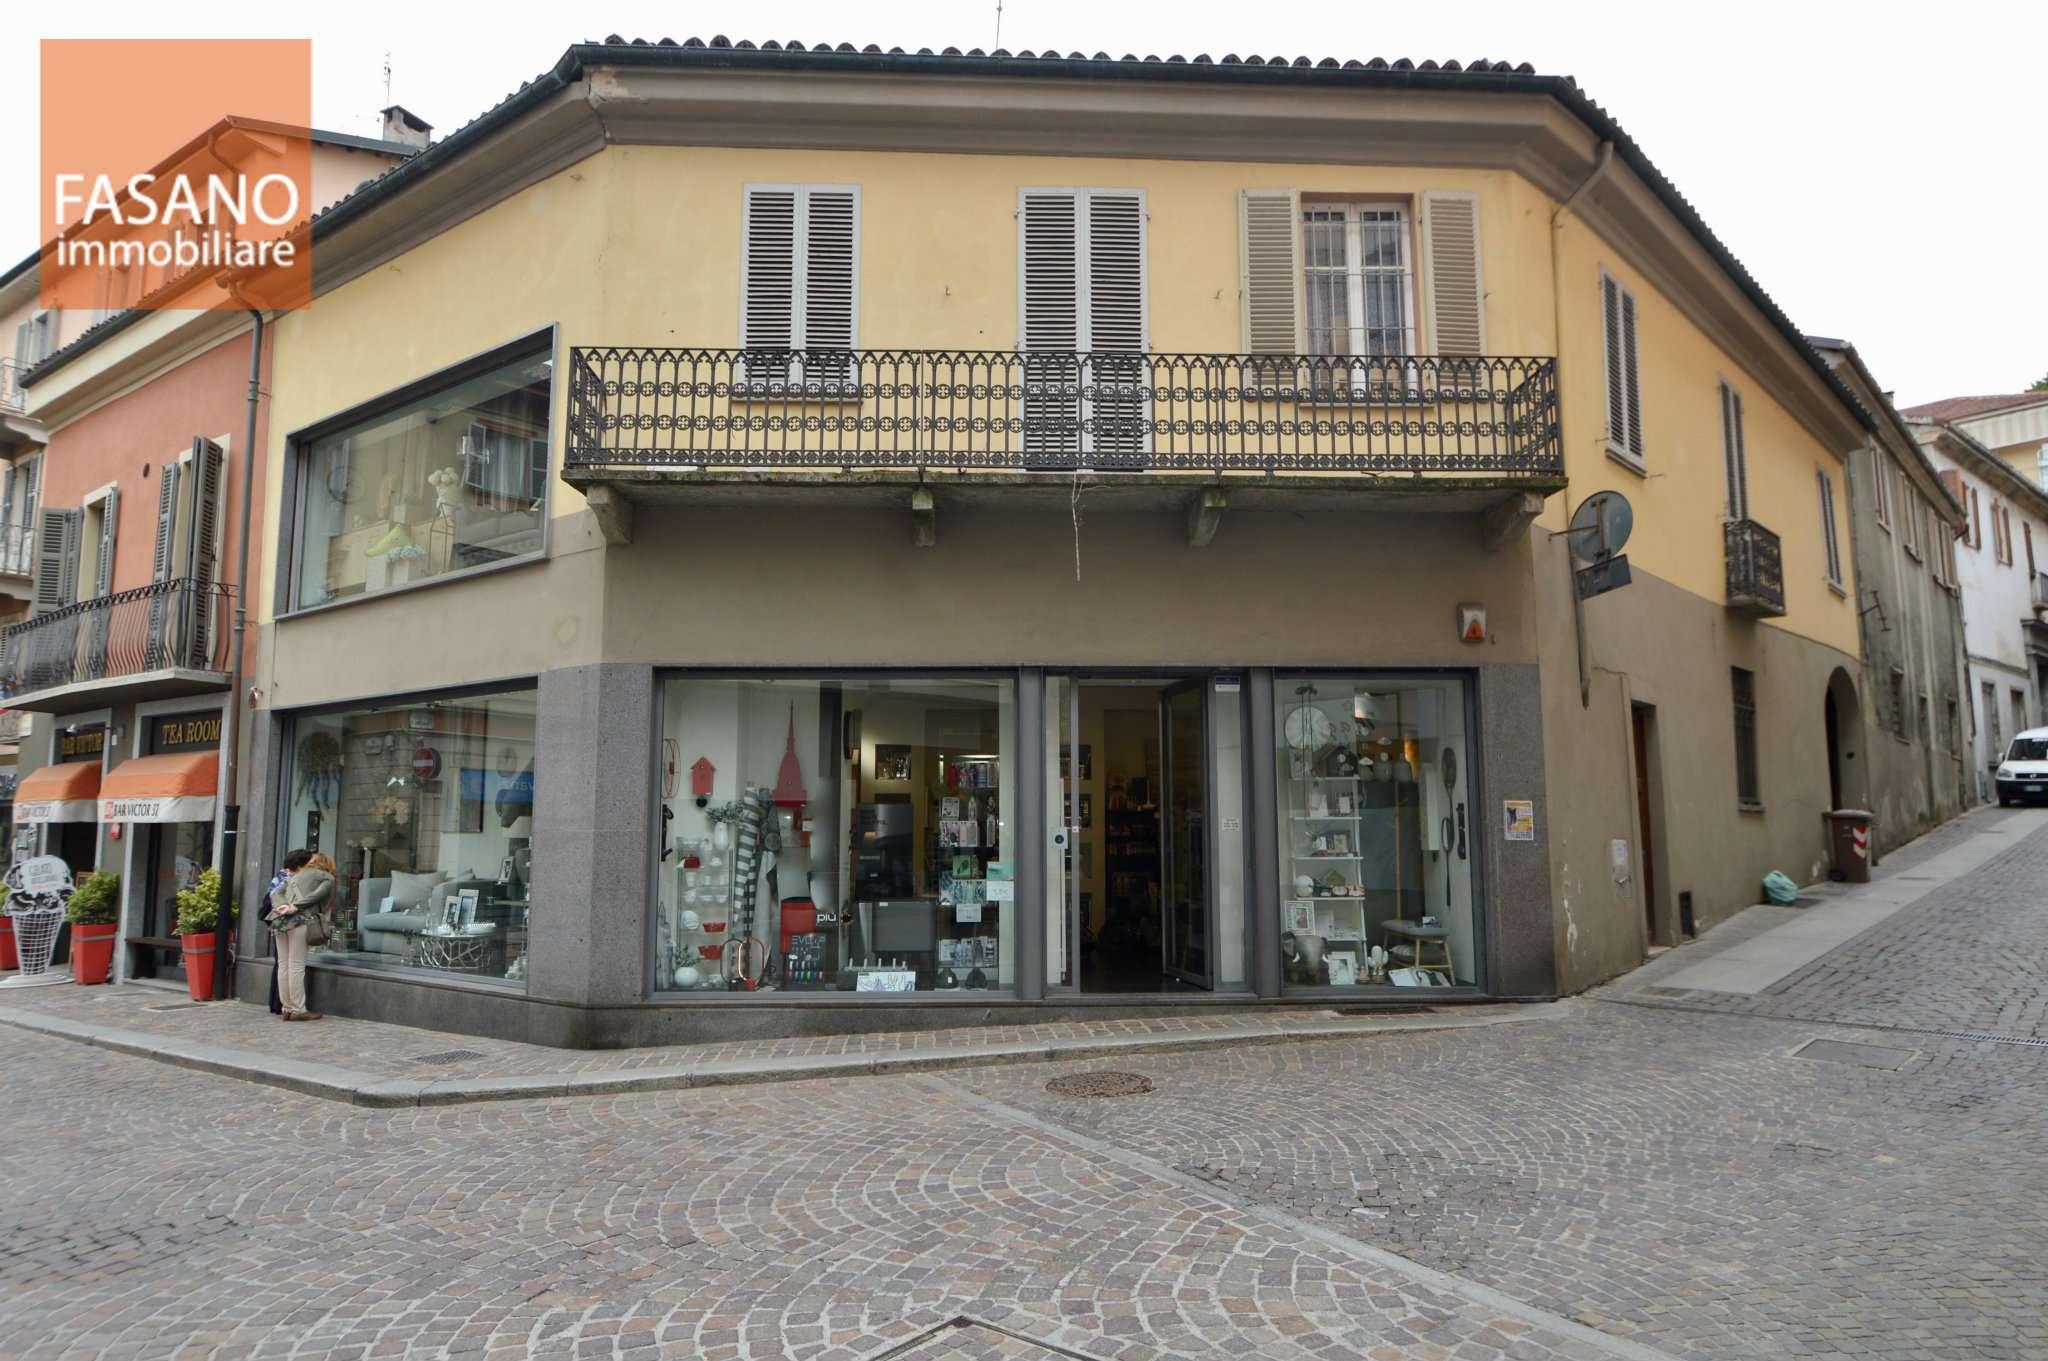 Negozio / Locale in vendita a Chieri, 9999 locali, prezzo € 450.000 | PortaleAgenzieImmobiliari.it